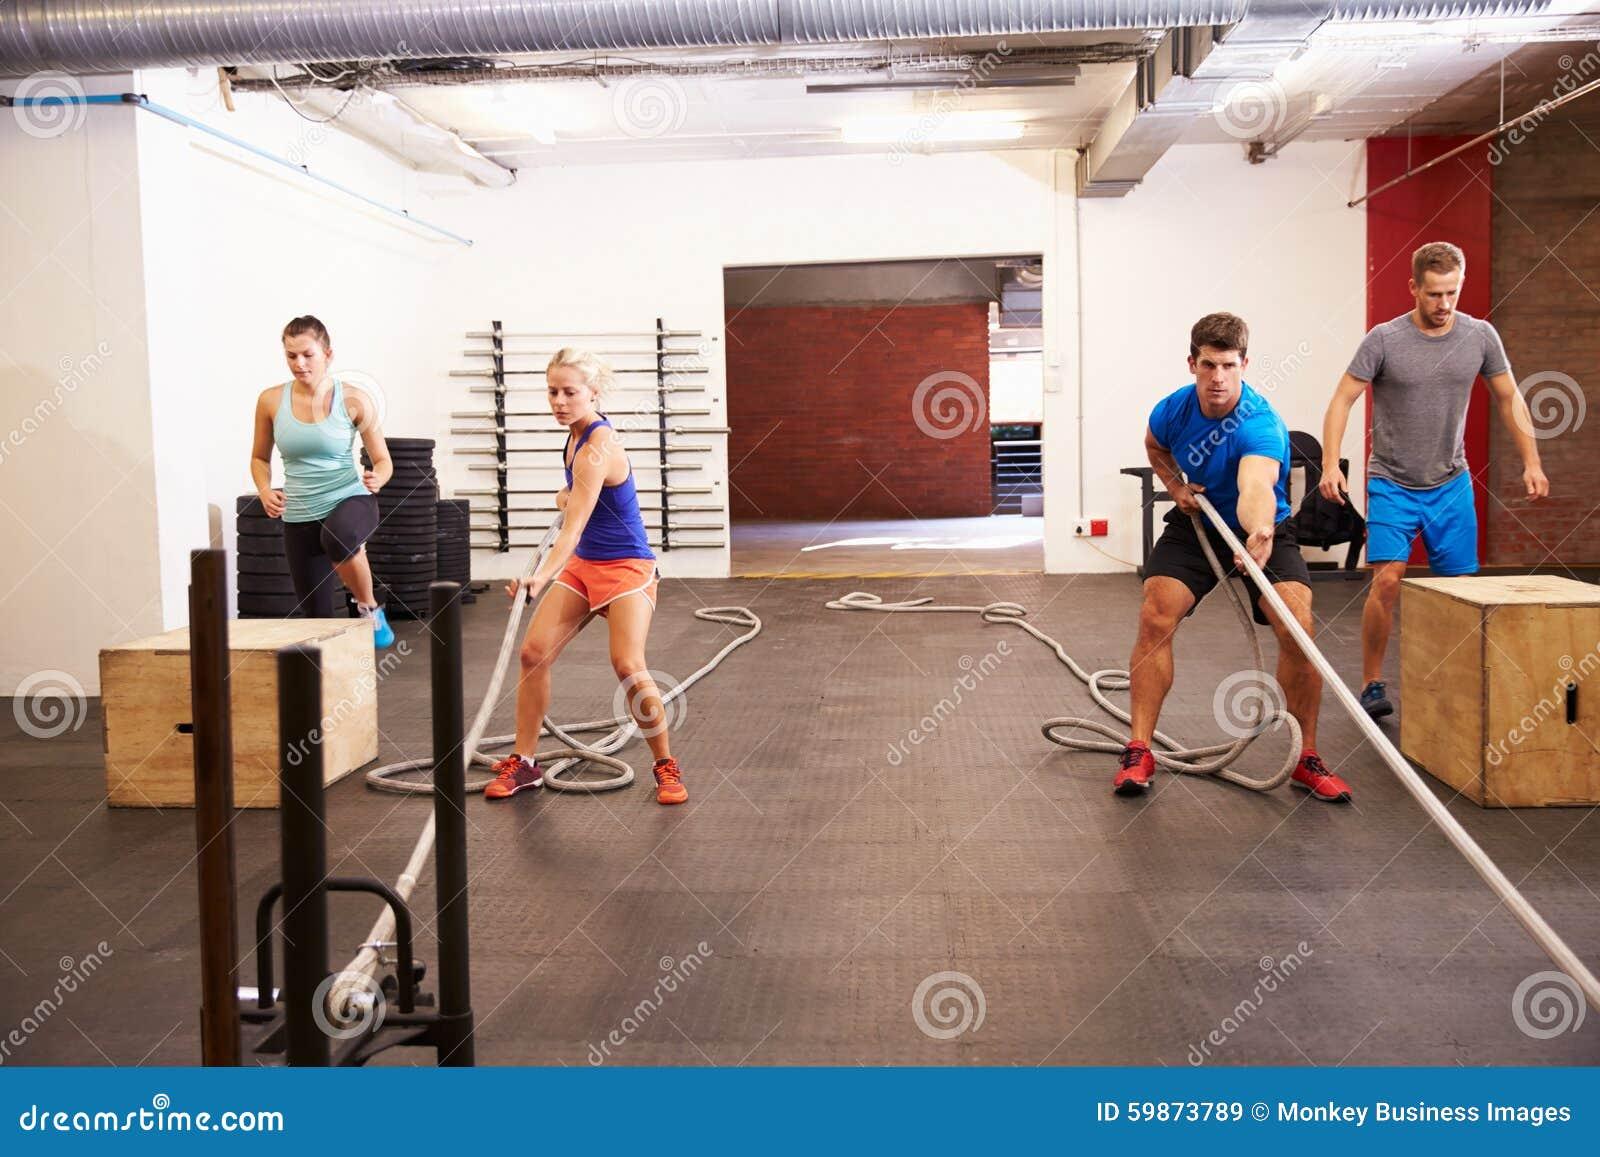 Circuito Gimnasio : Grupo de personas en el entrenamiento del circuito del gimnasio